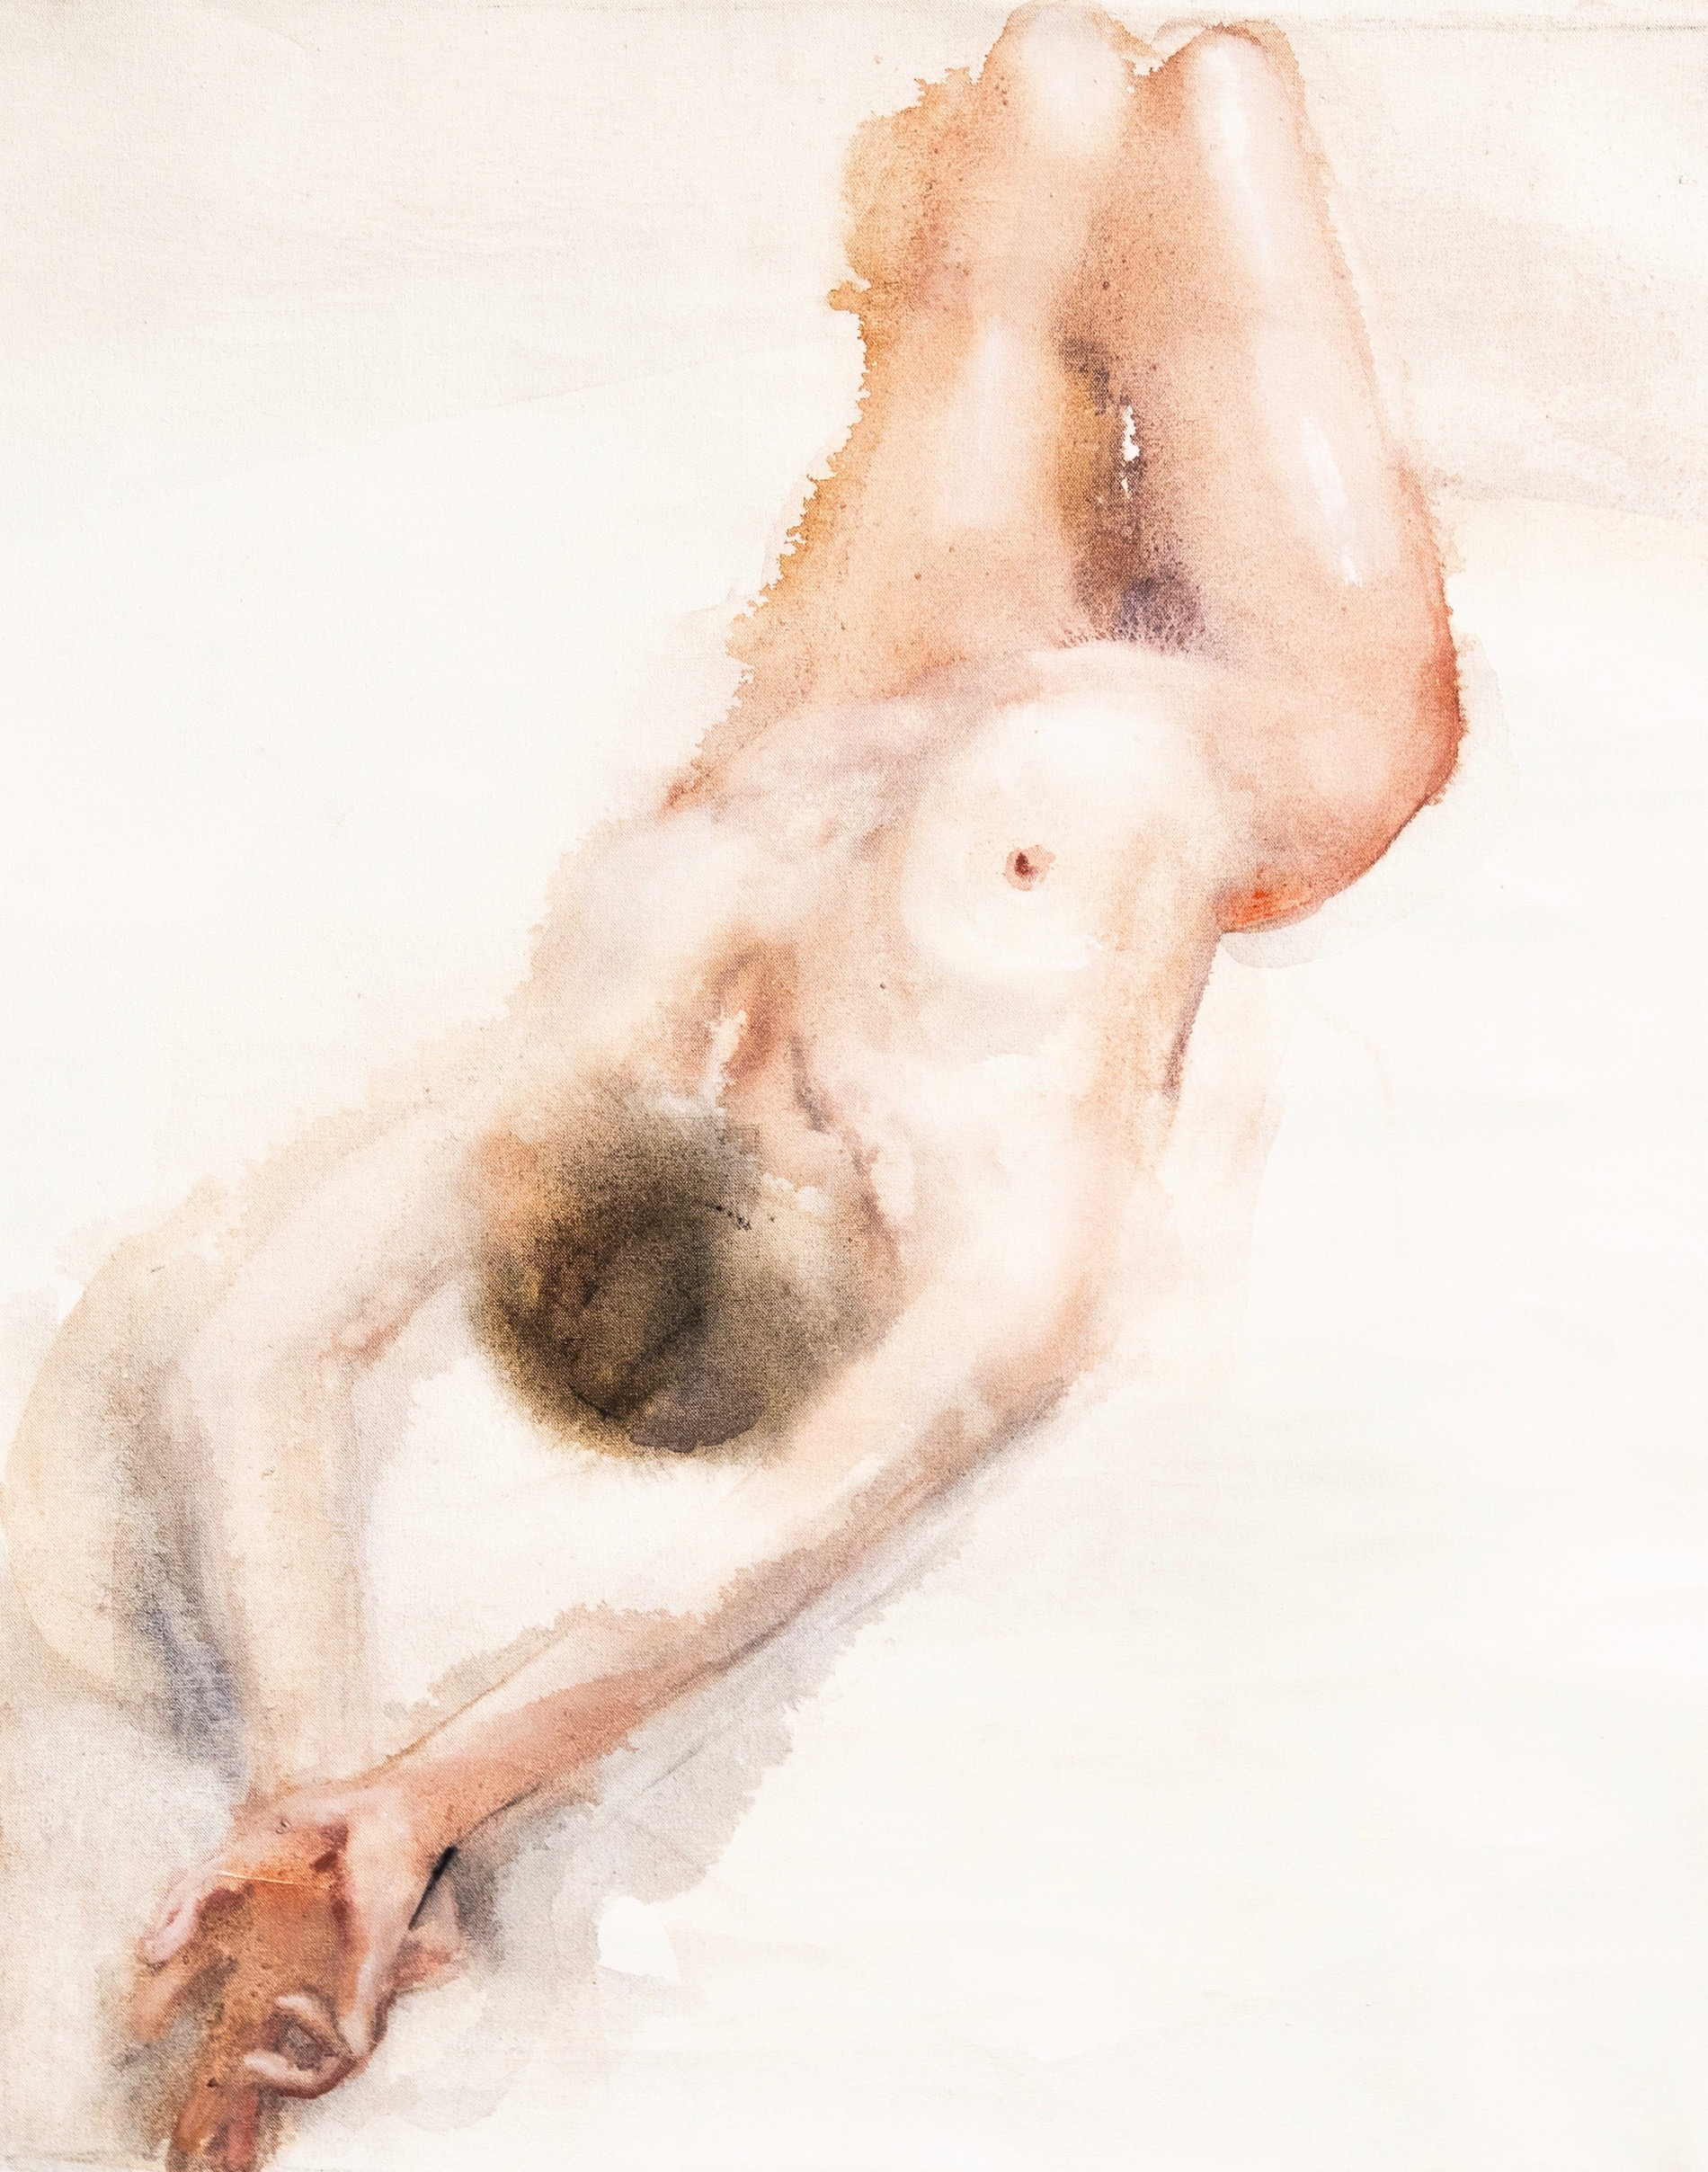 femme nue qui s'étire seins